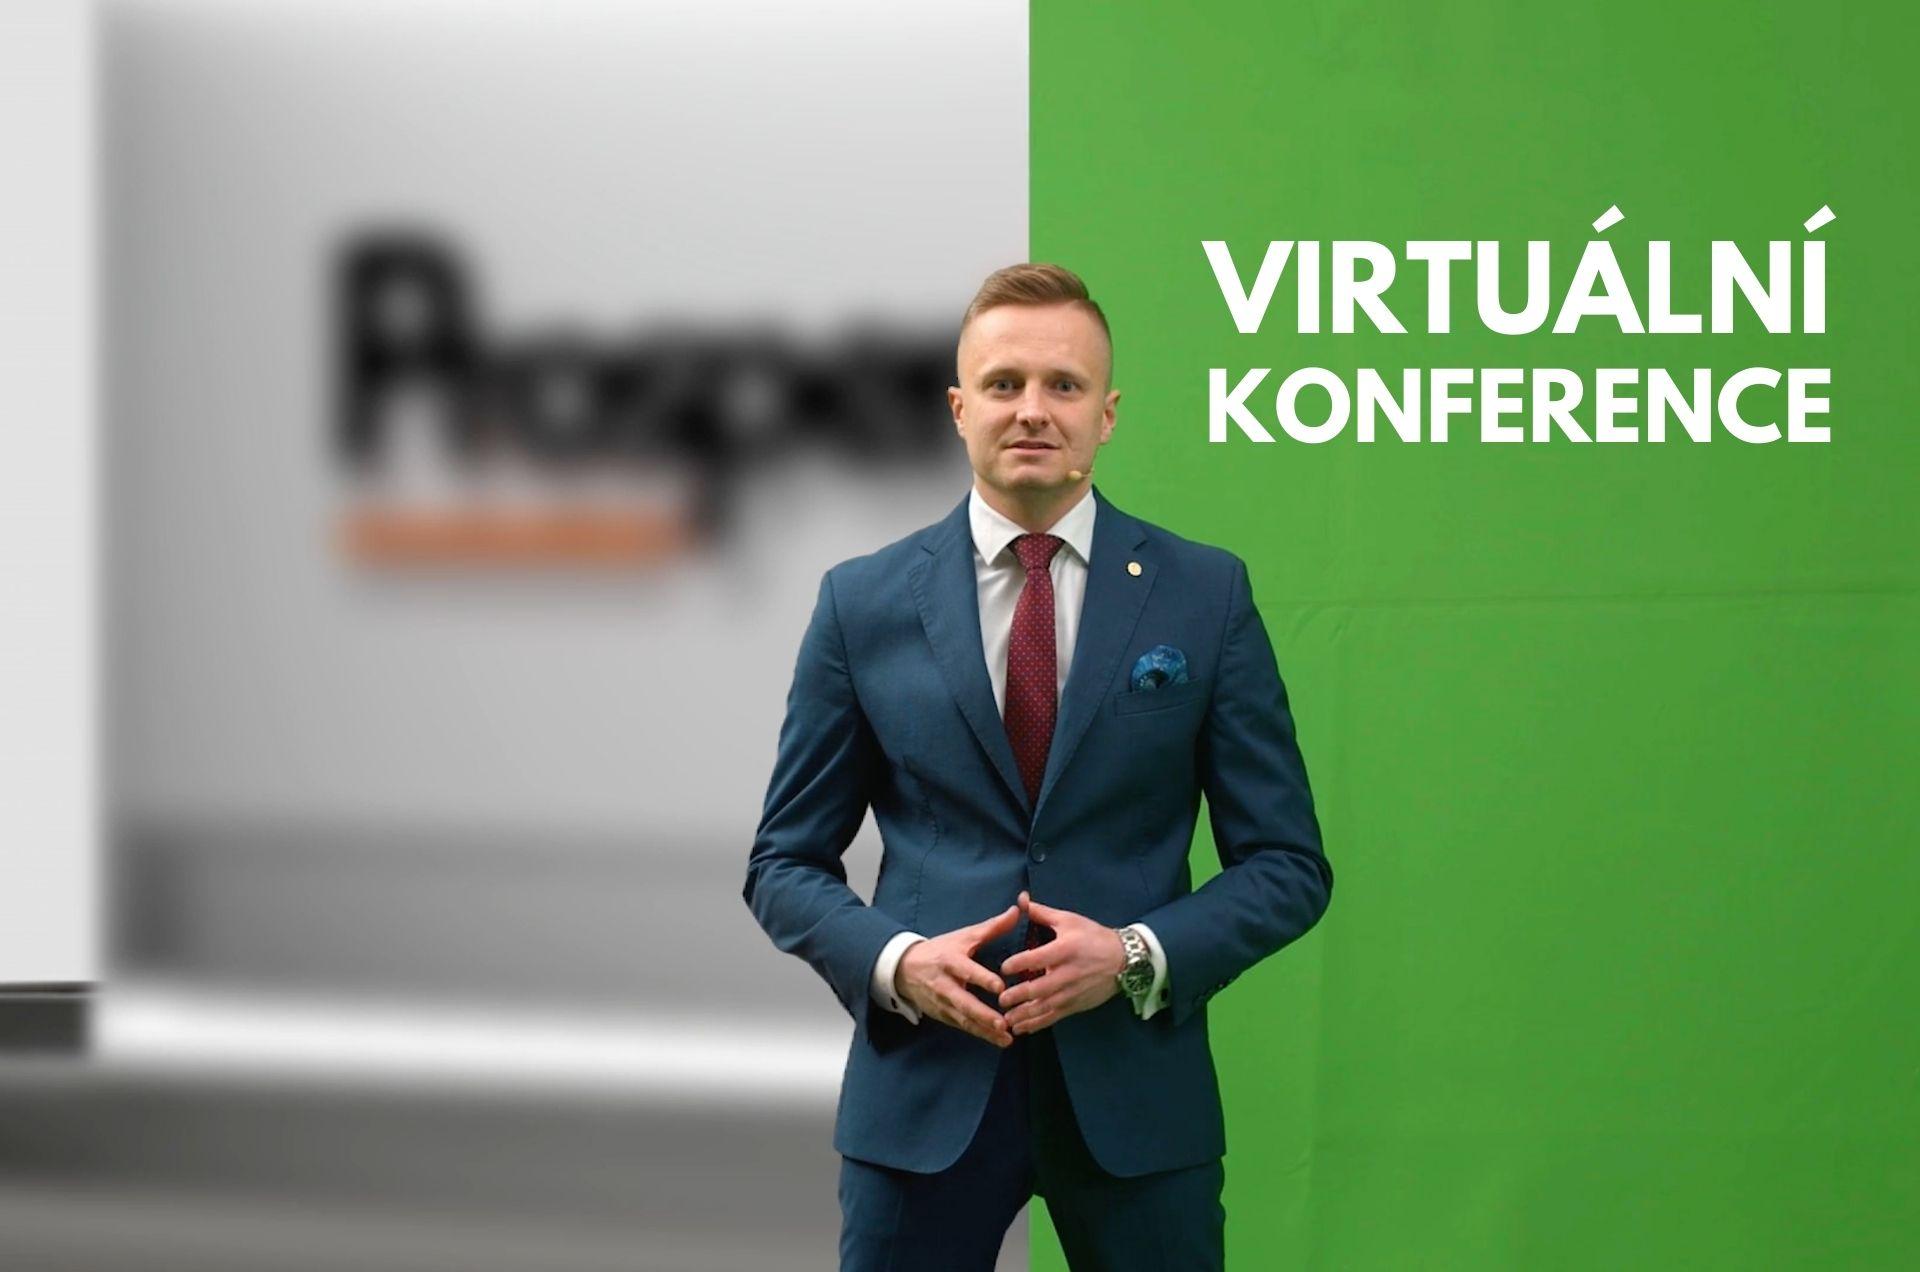 Virtuální konference - zelené pozadí